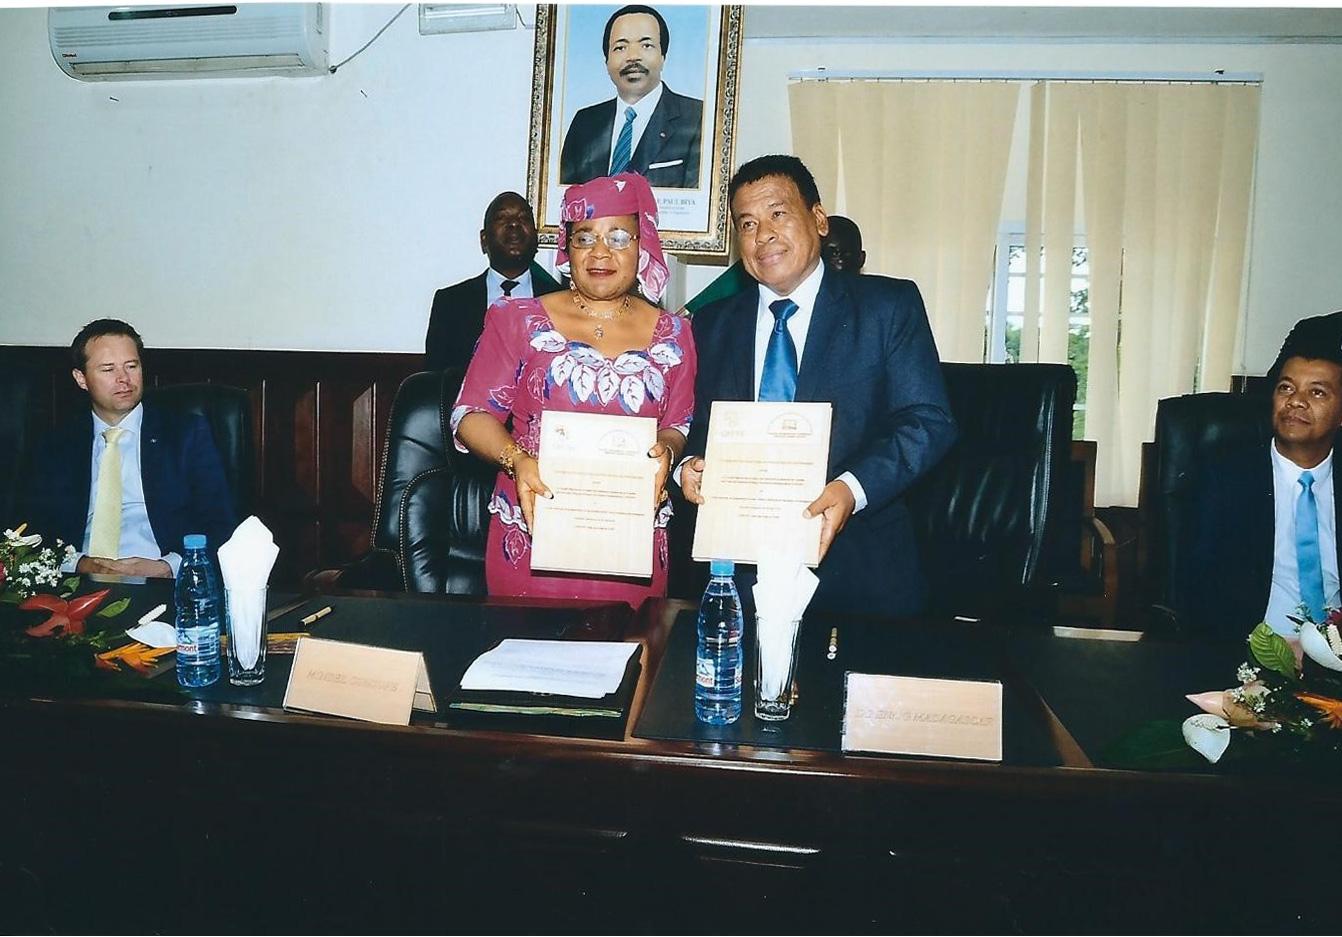 SIGNATURE DU PROTOCOLE DE PARTENARIAT ENTRE L'ECOLE NATIONALE DE LA MAGISTRATURE ET DES GREFFES DE MADAGASCAR ET LE CREFIAF